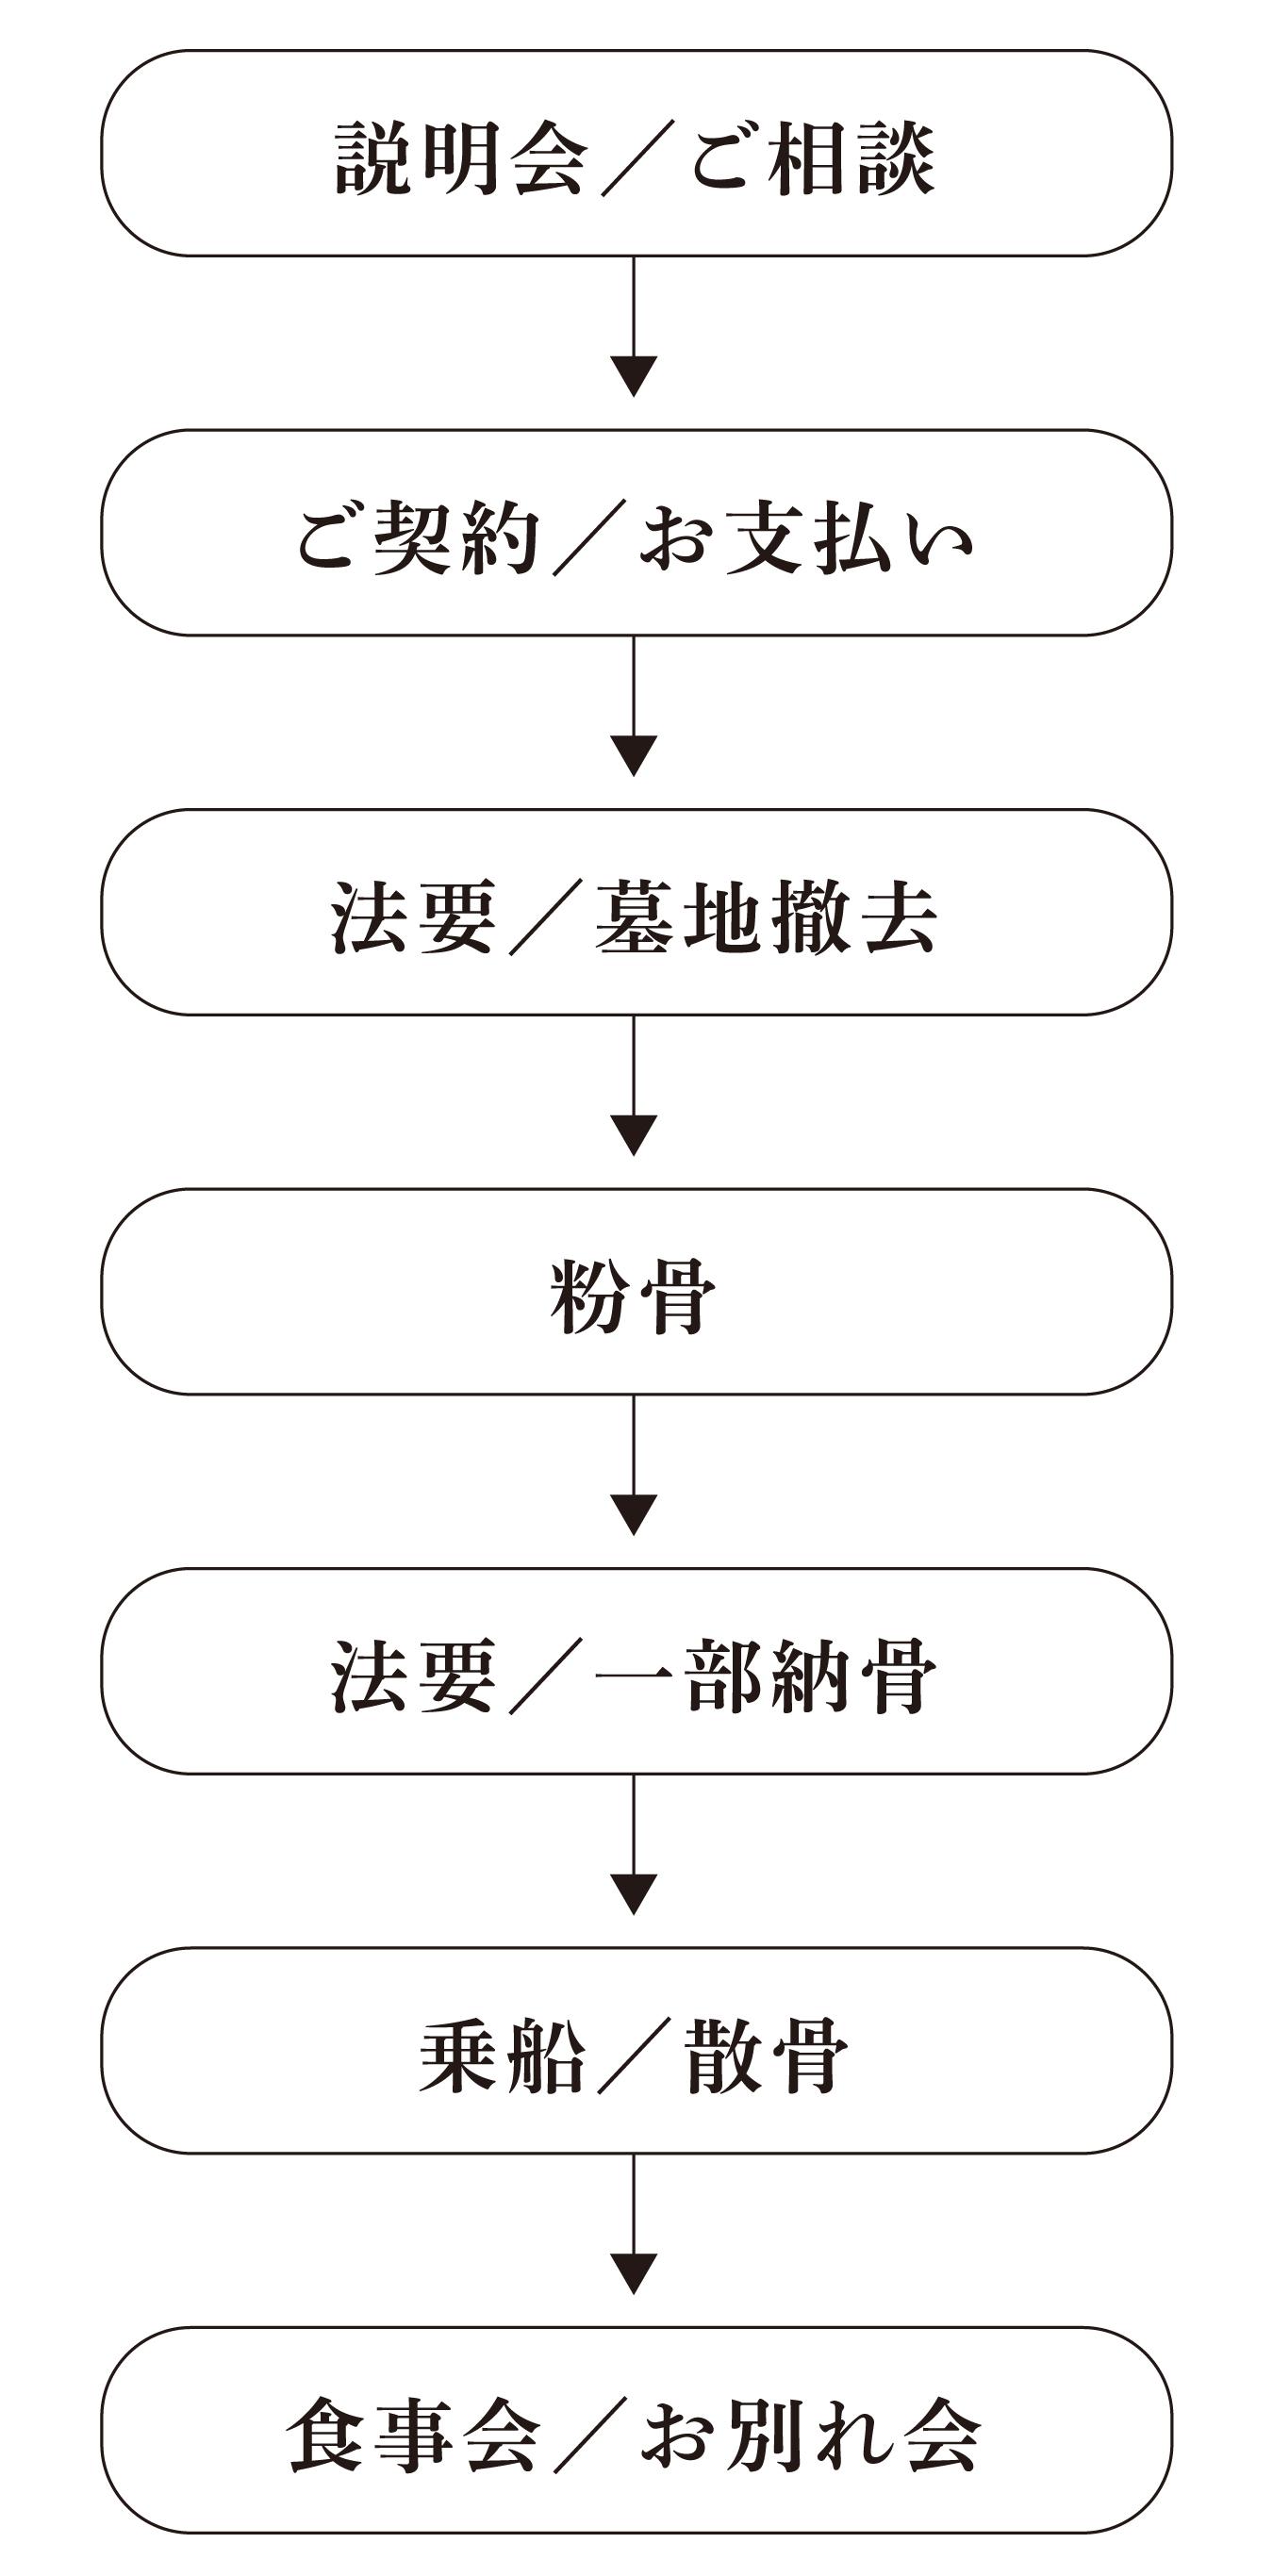 説明会/ご相談 ご契約/お支払い 法要/墓地撤去 乗船/散骨 食事会/お別れ会